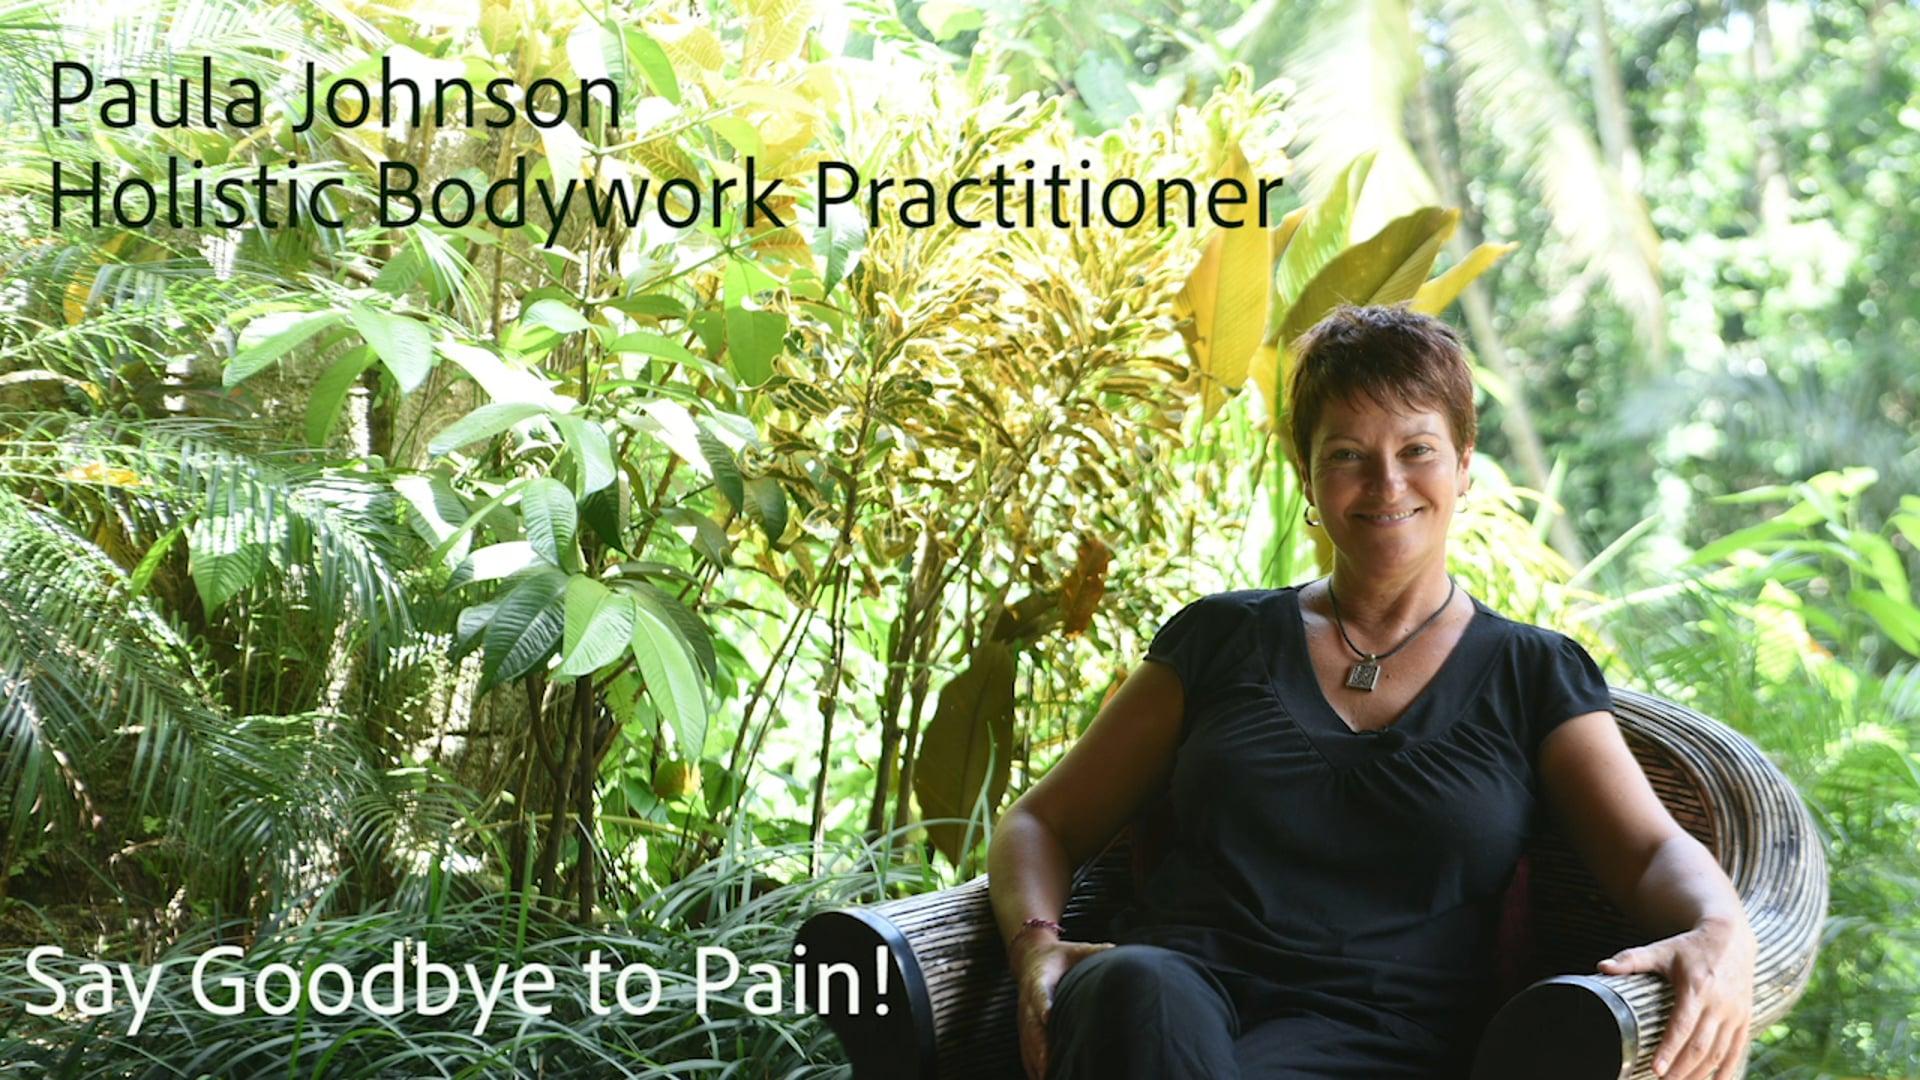 Video Promotion for Holistic Bodywork Practitioner